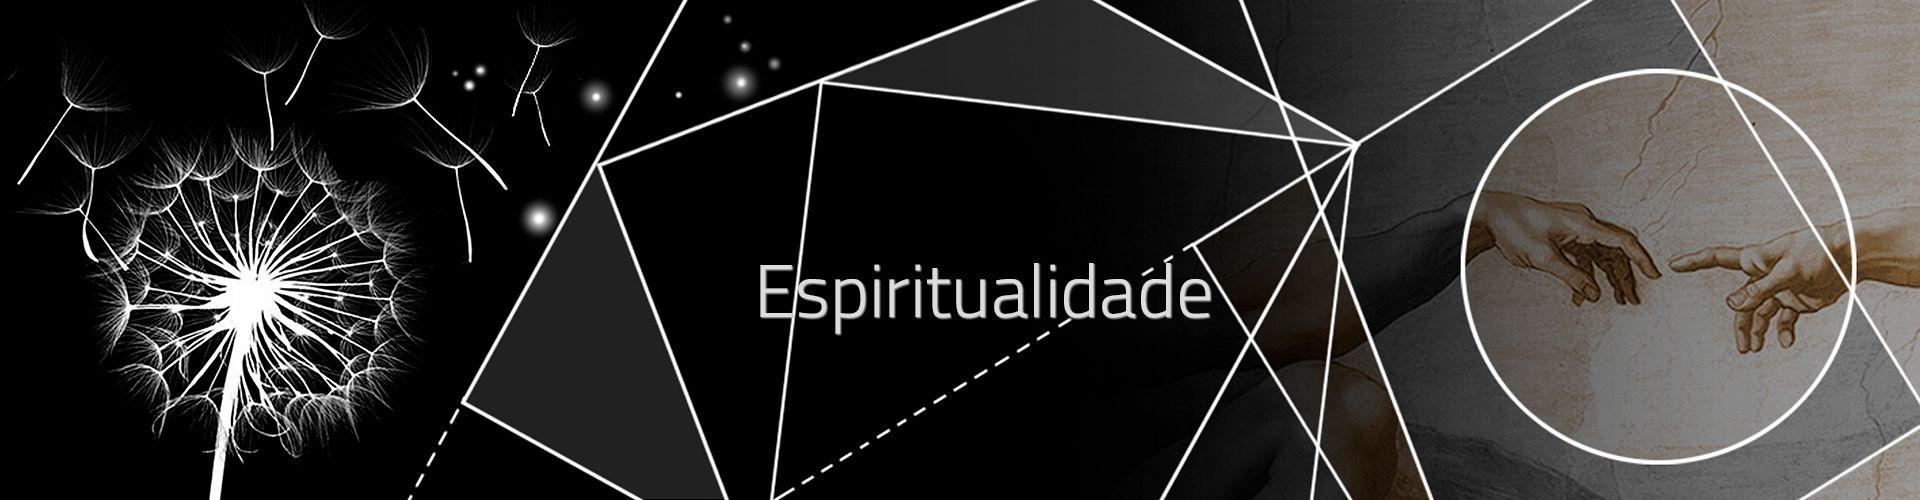 Cabeceira Espiritualidade